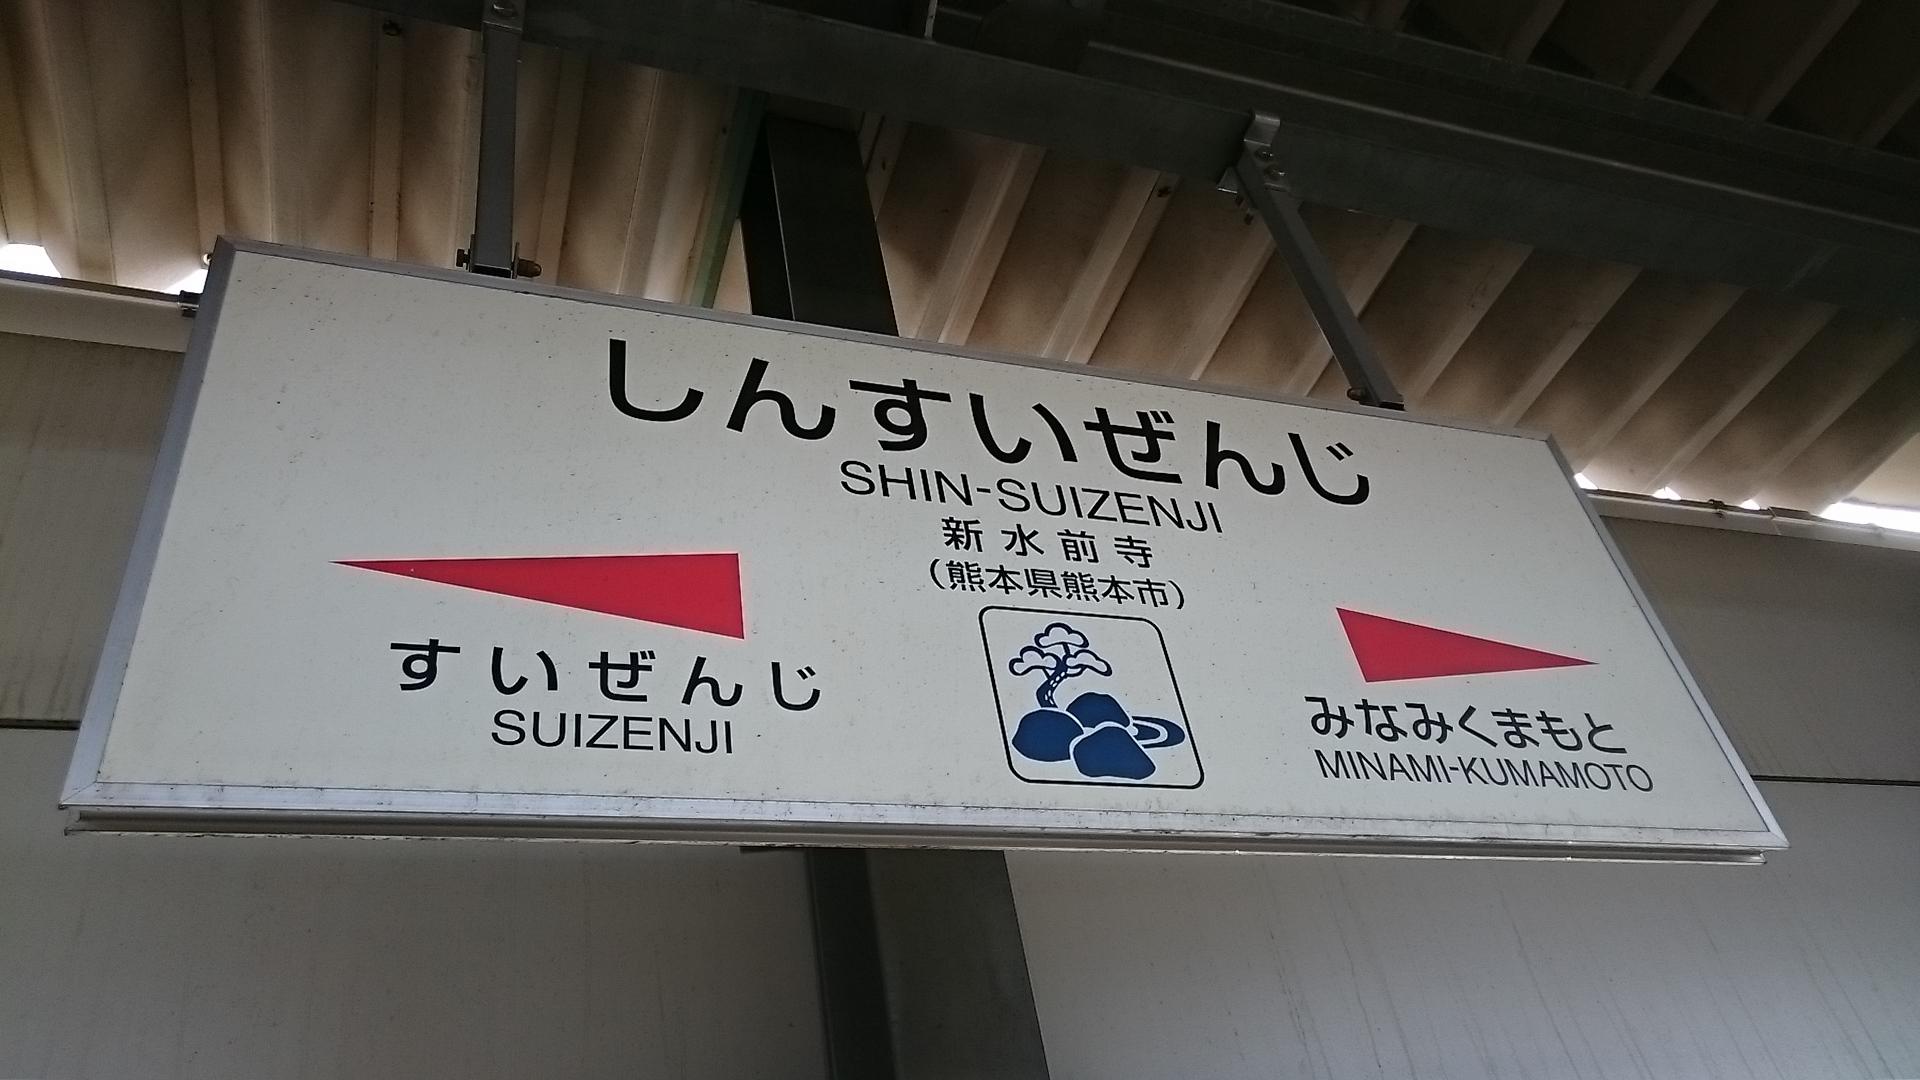 新水前寺駅 駅標